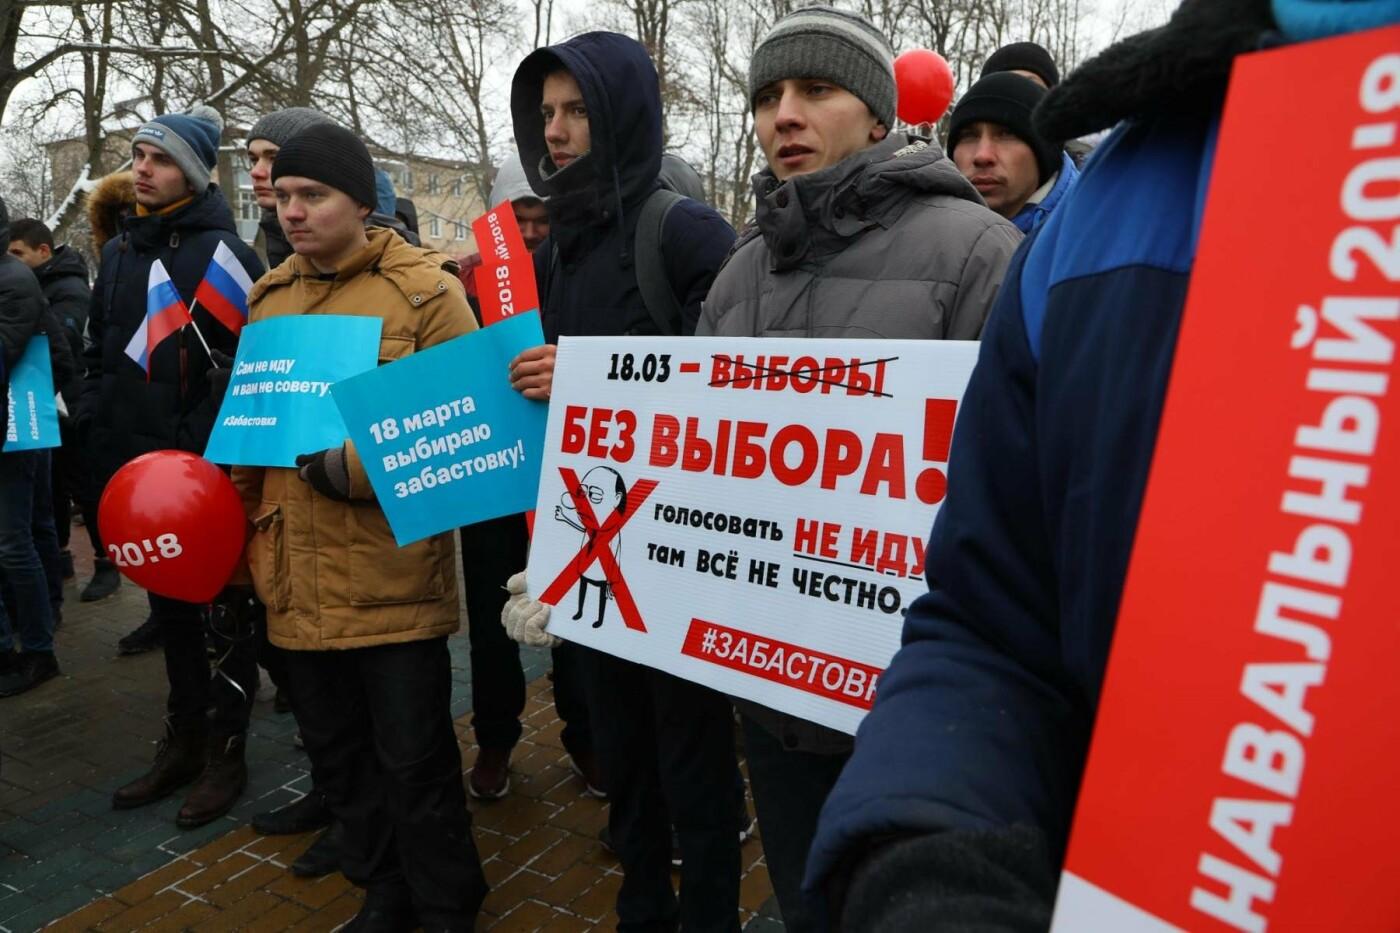 В Белгороде у Дома офицеров прошла «забастовка избирателей» — фоторепортаж, фото-41